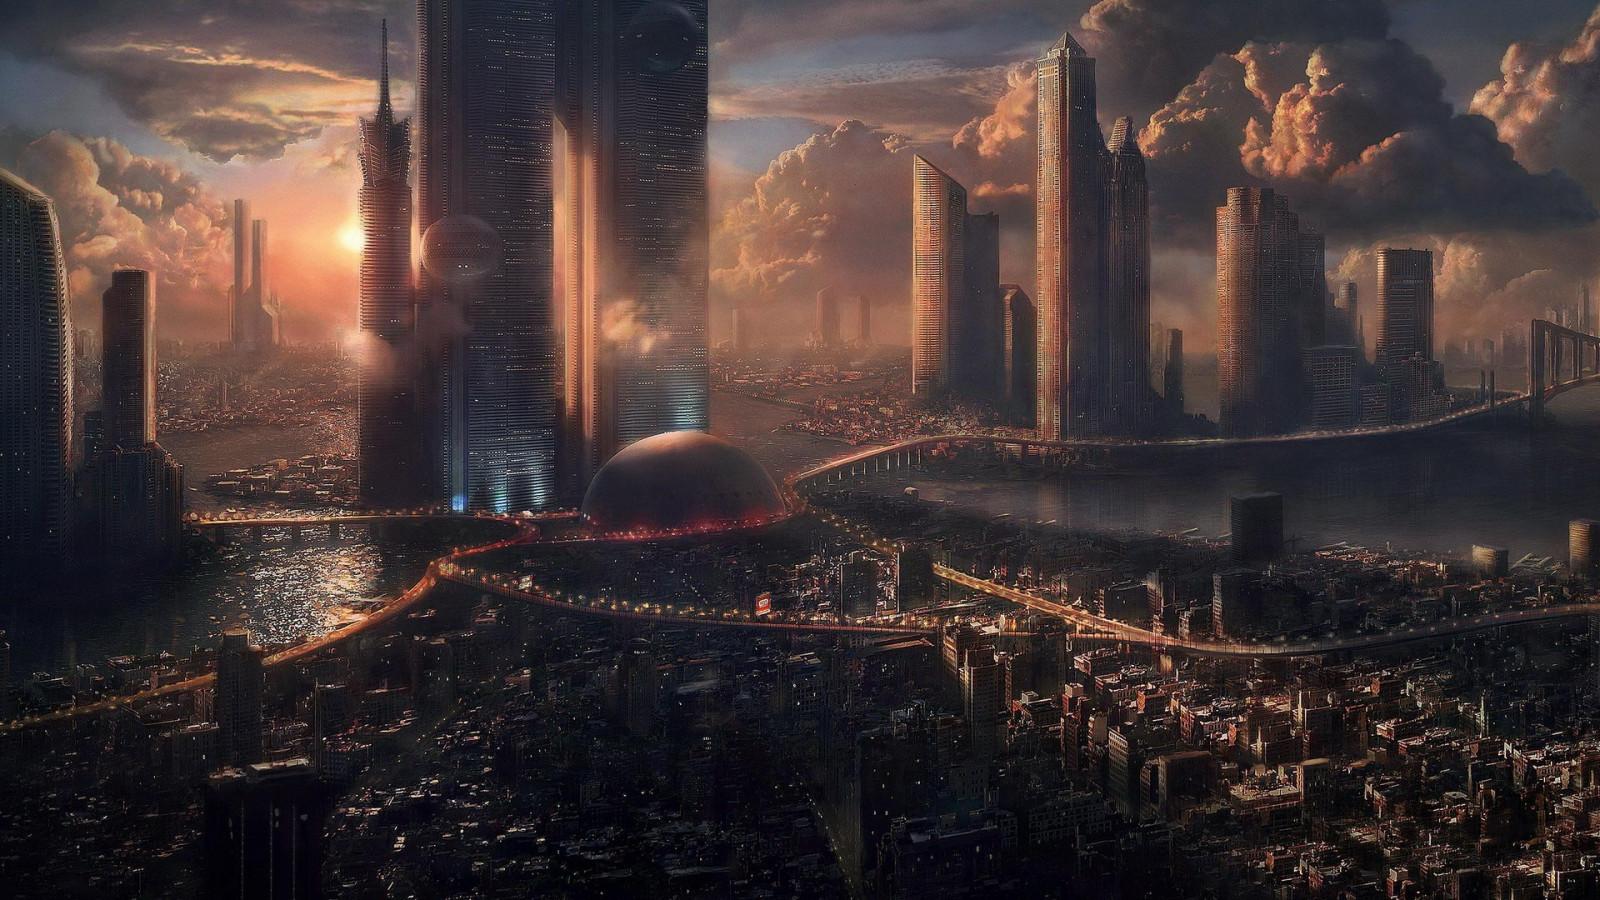 cityscapes futuristic wallpaper 1900x1041 - photo #8